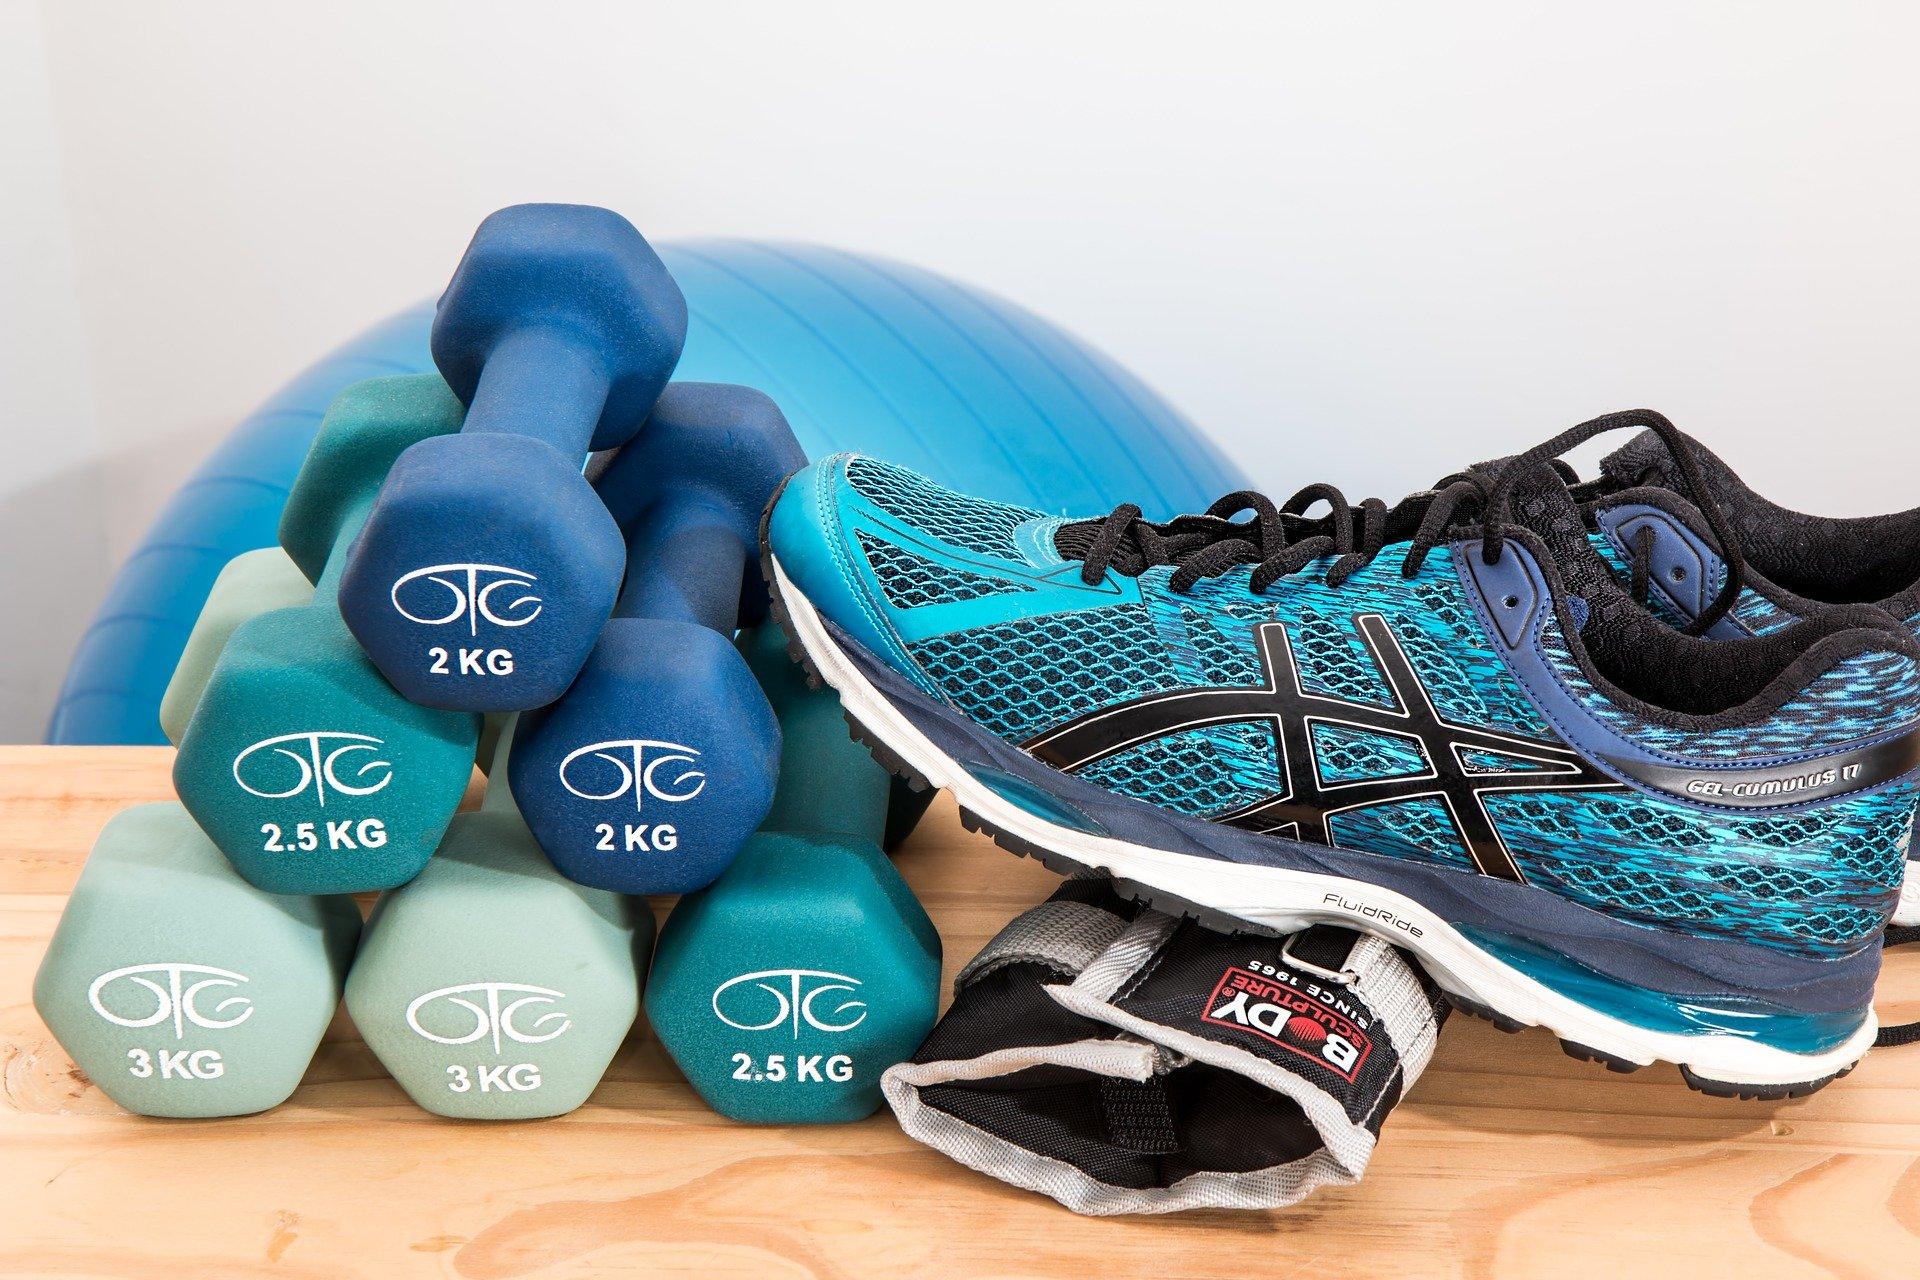 Equipements et matériel pour faire du sport pendant le Ramadan